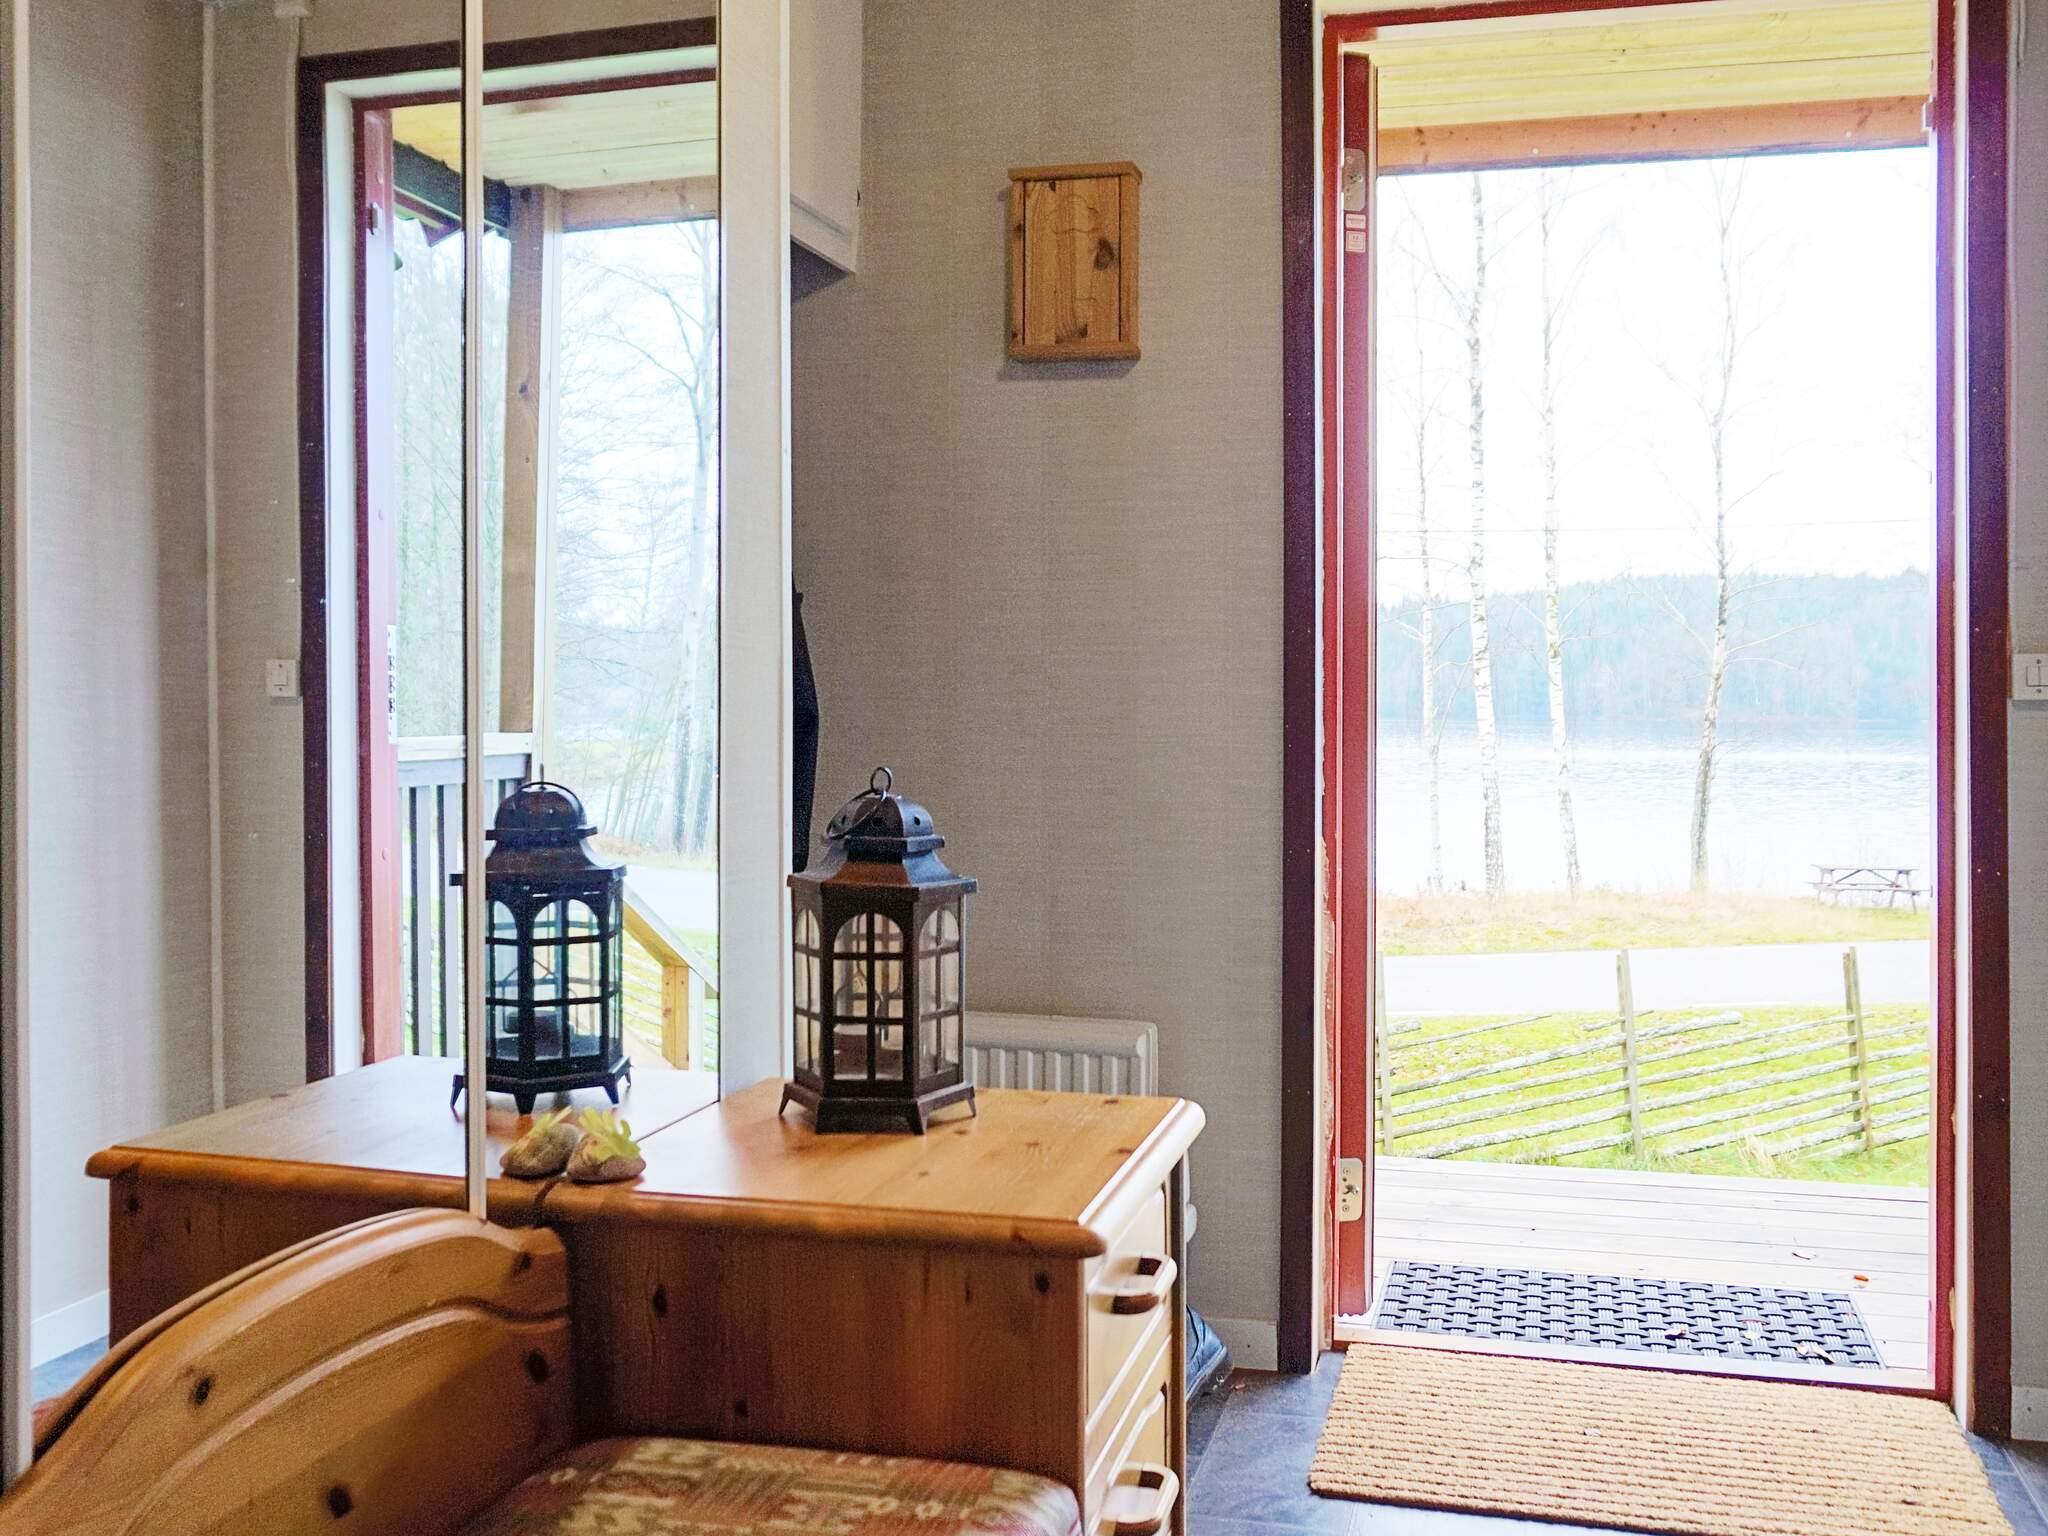 Ferienhaus Ambjörnarp (2701524), Ambjörnarp, Västra Götaland län, Westschweden, Schweden, Bild 3